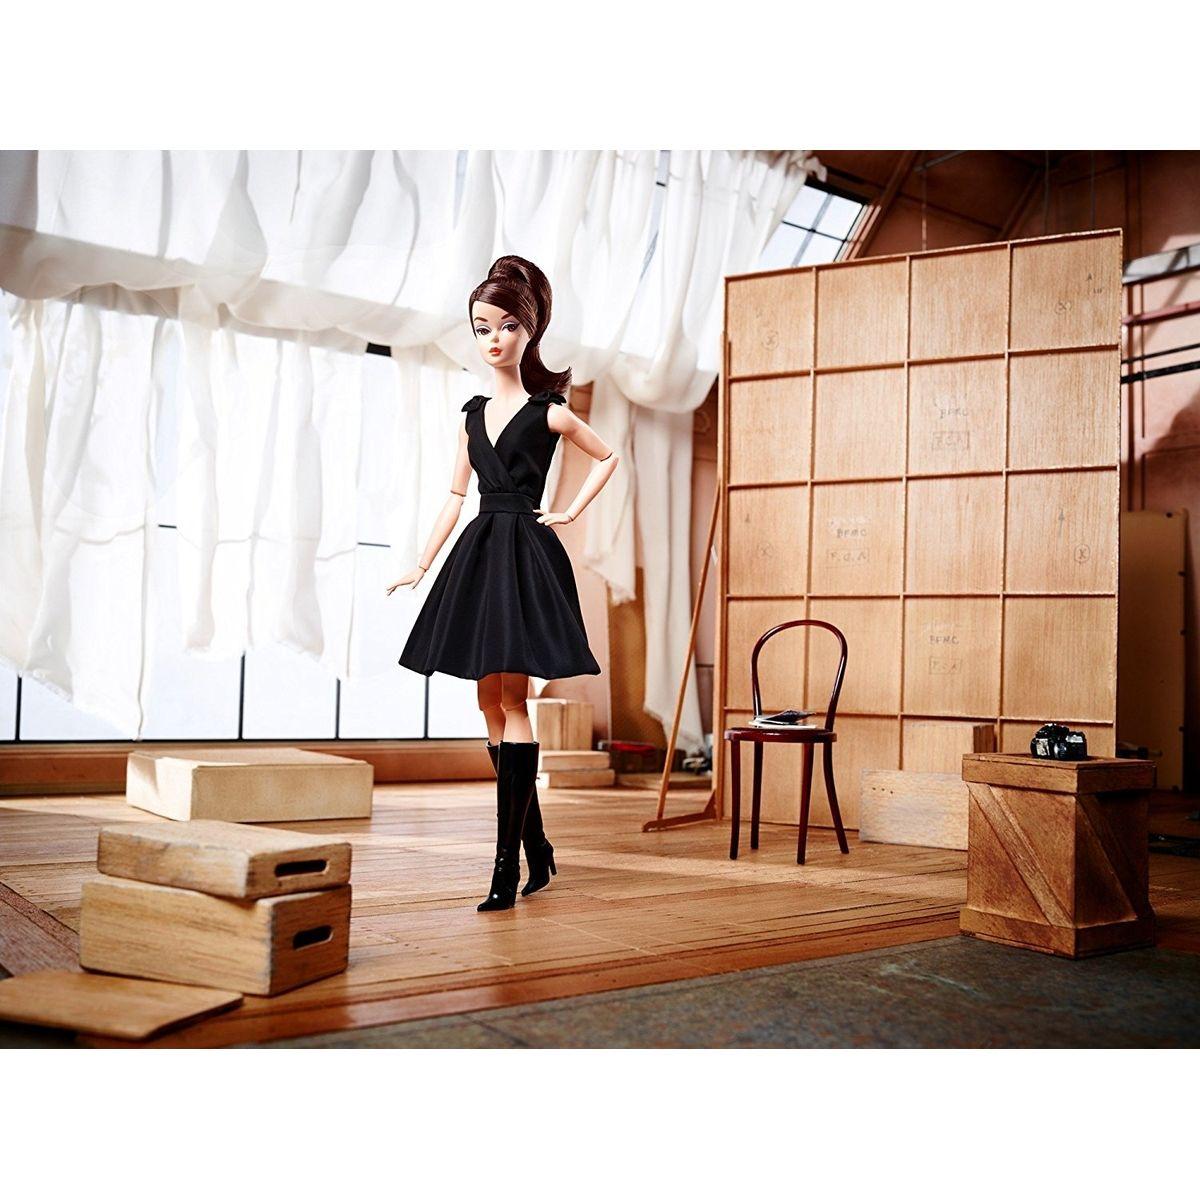 Mattel Barbie sběratelská Silkstone černé šaty #4